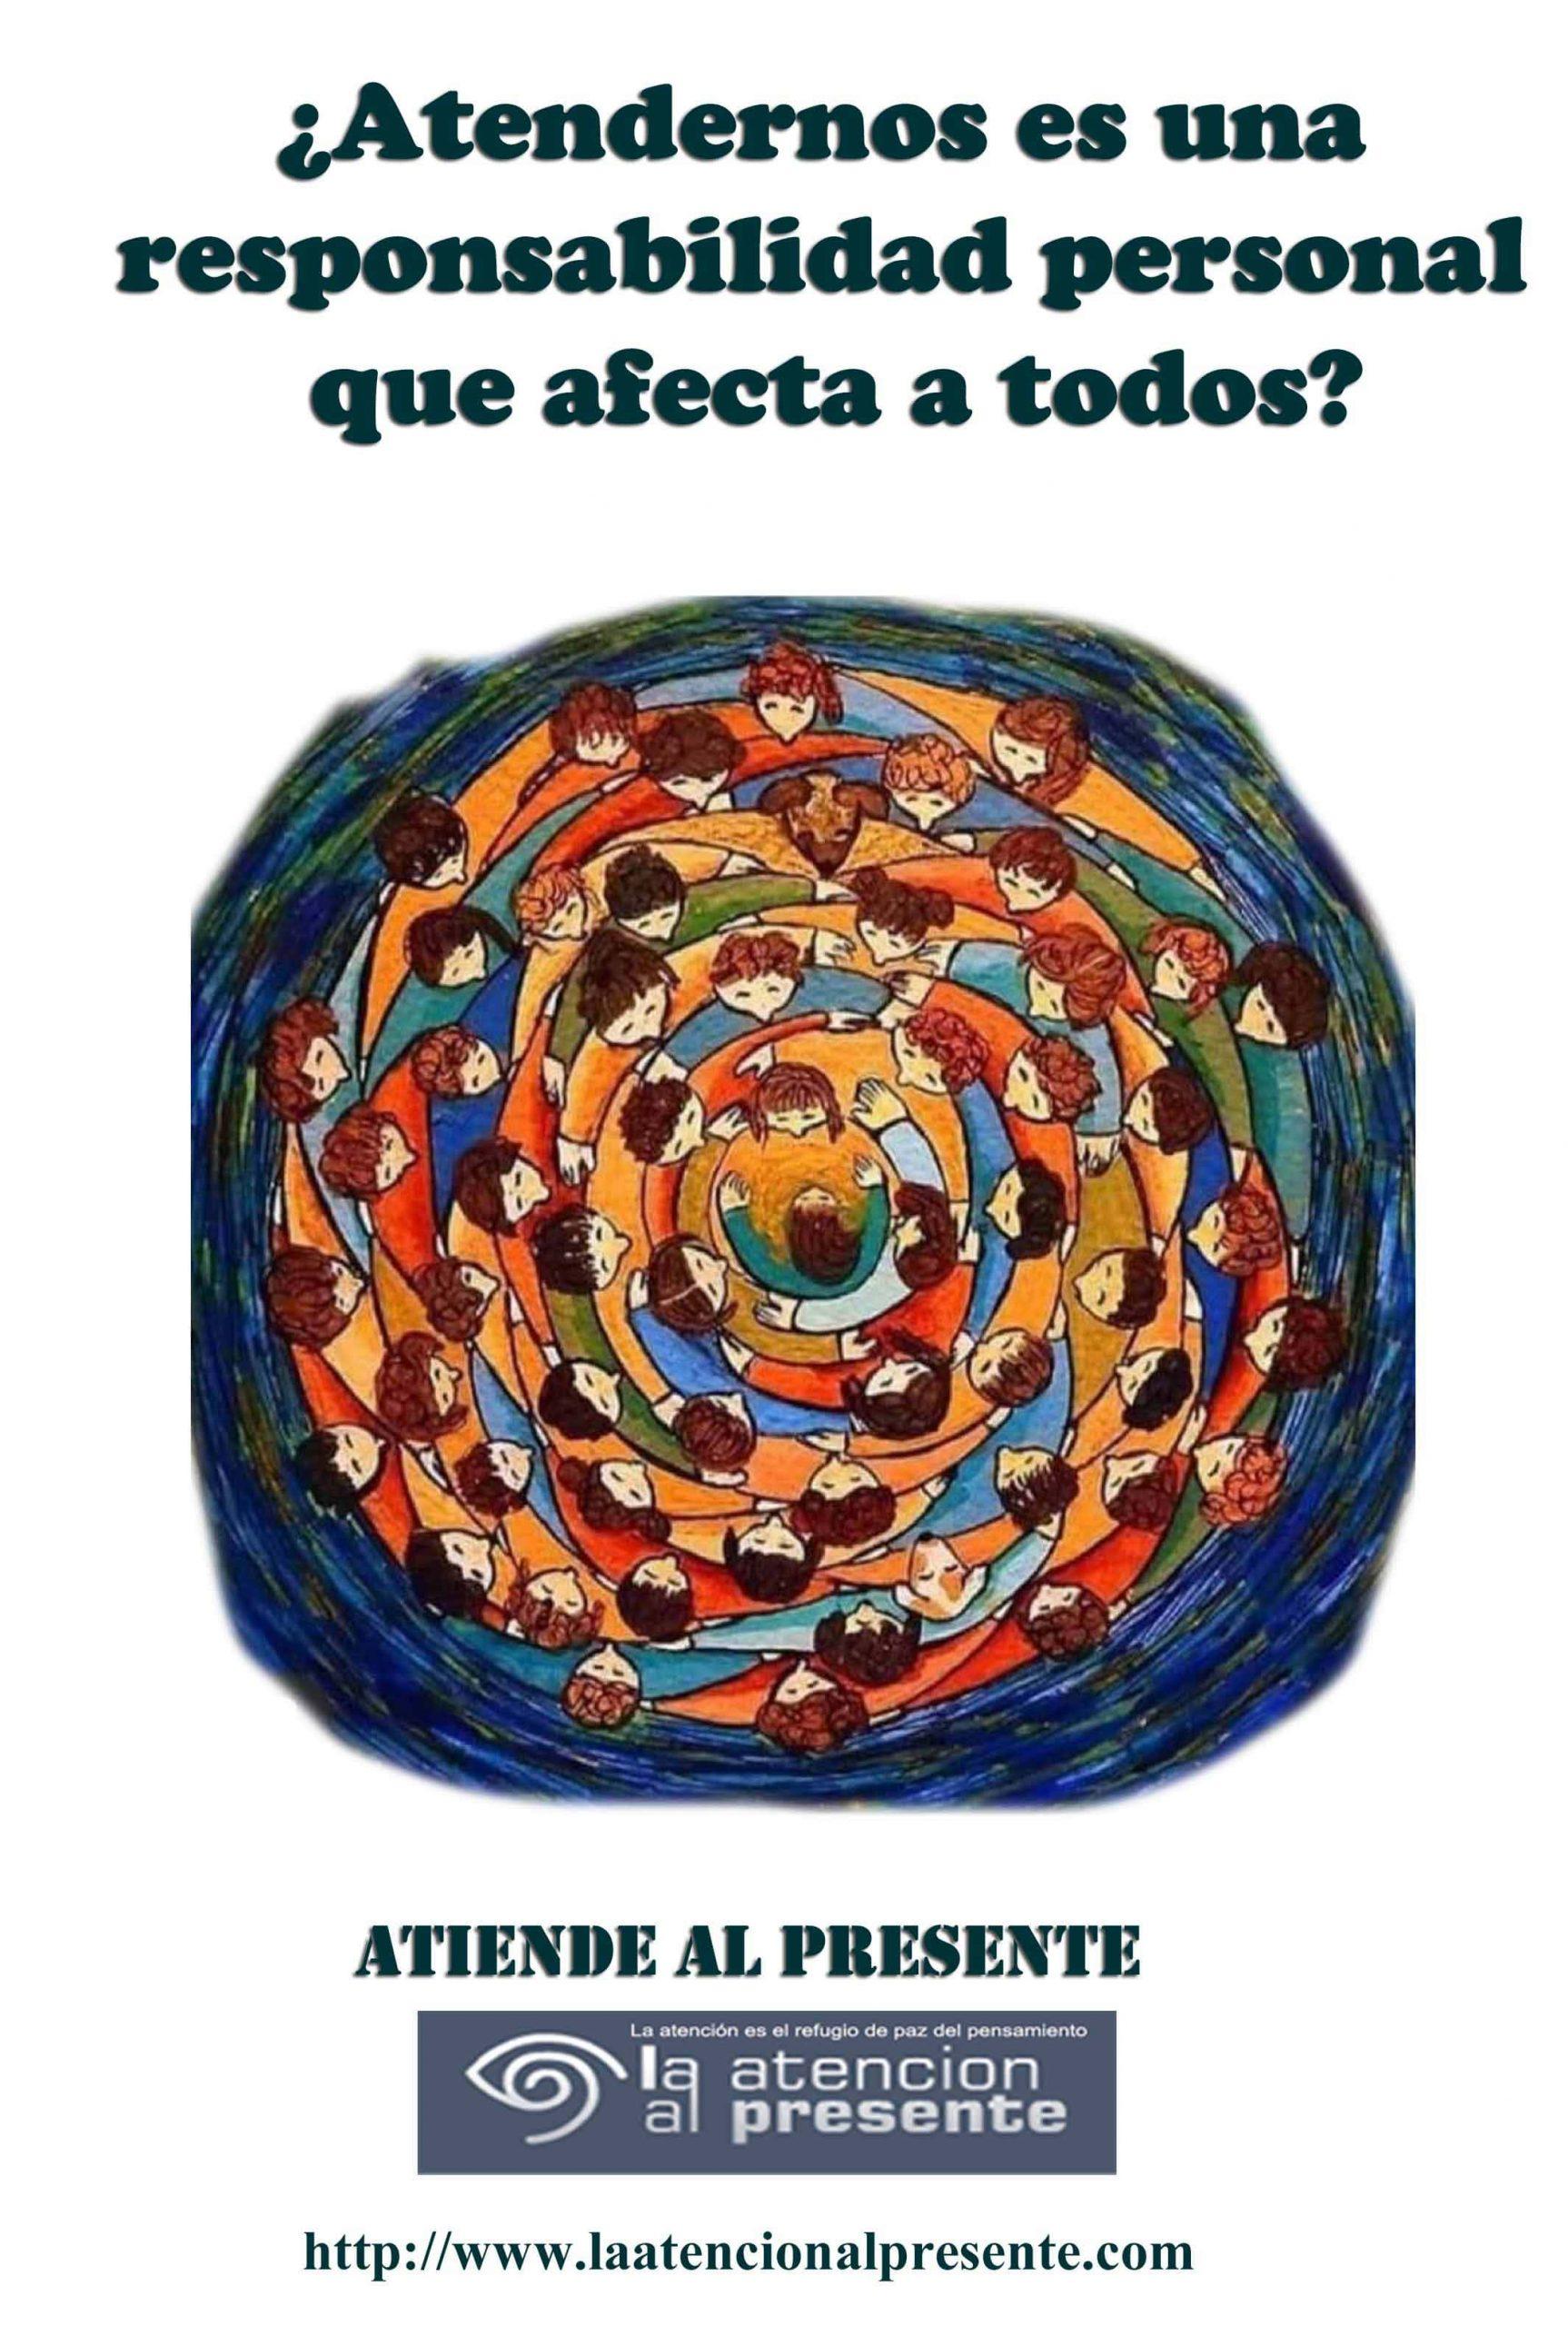 4 de enero Esteban Atendernos es una responsabilidad personal que afecta a todos min scaled